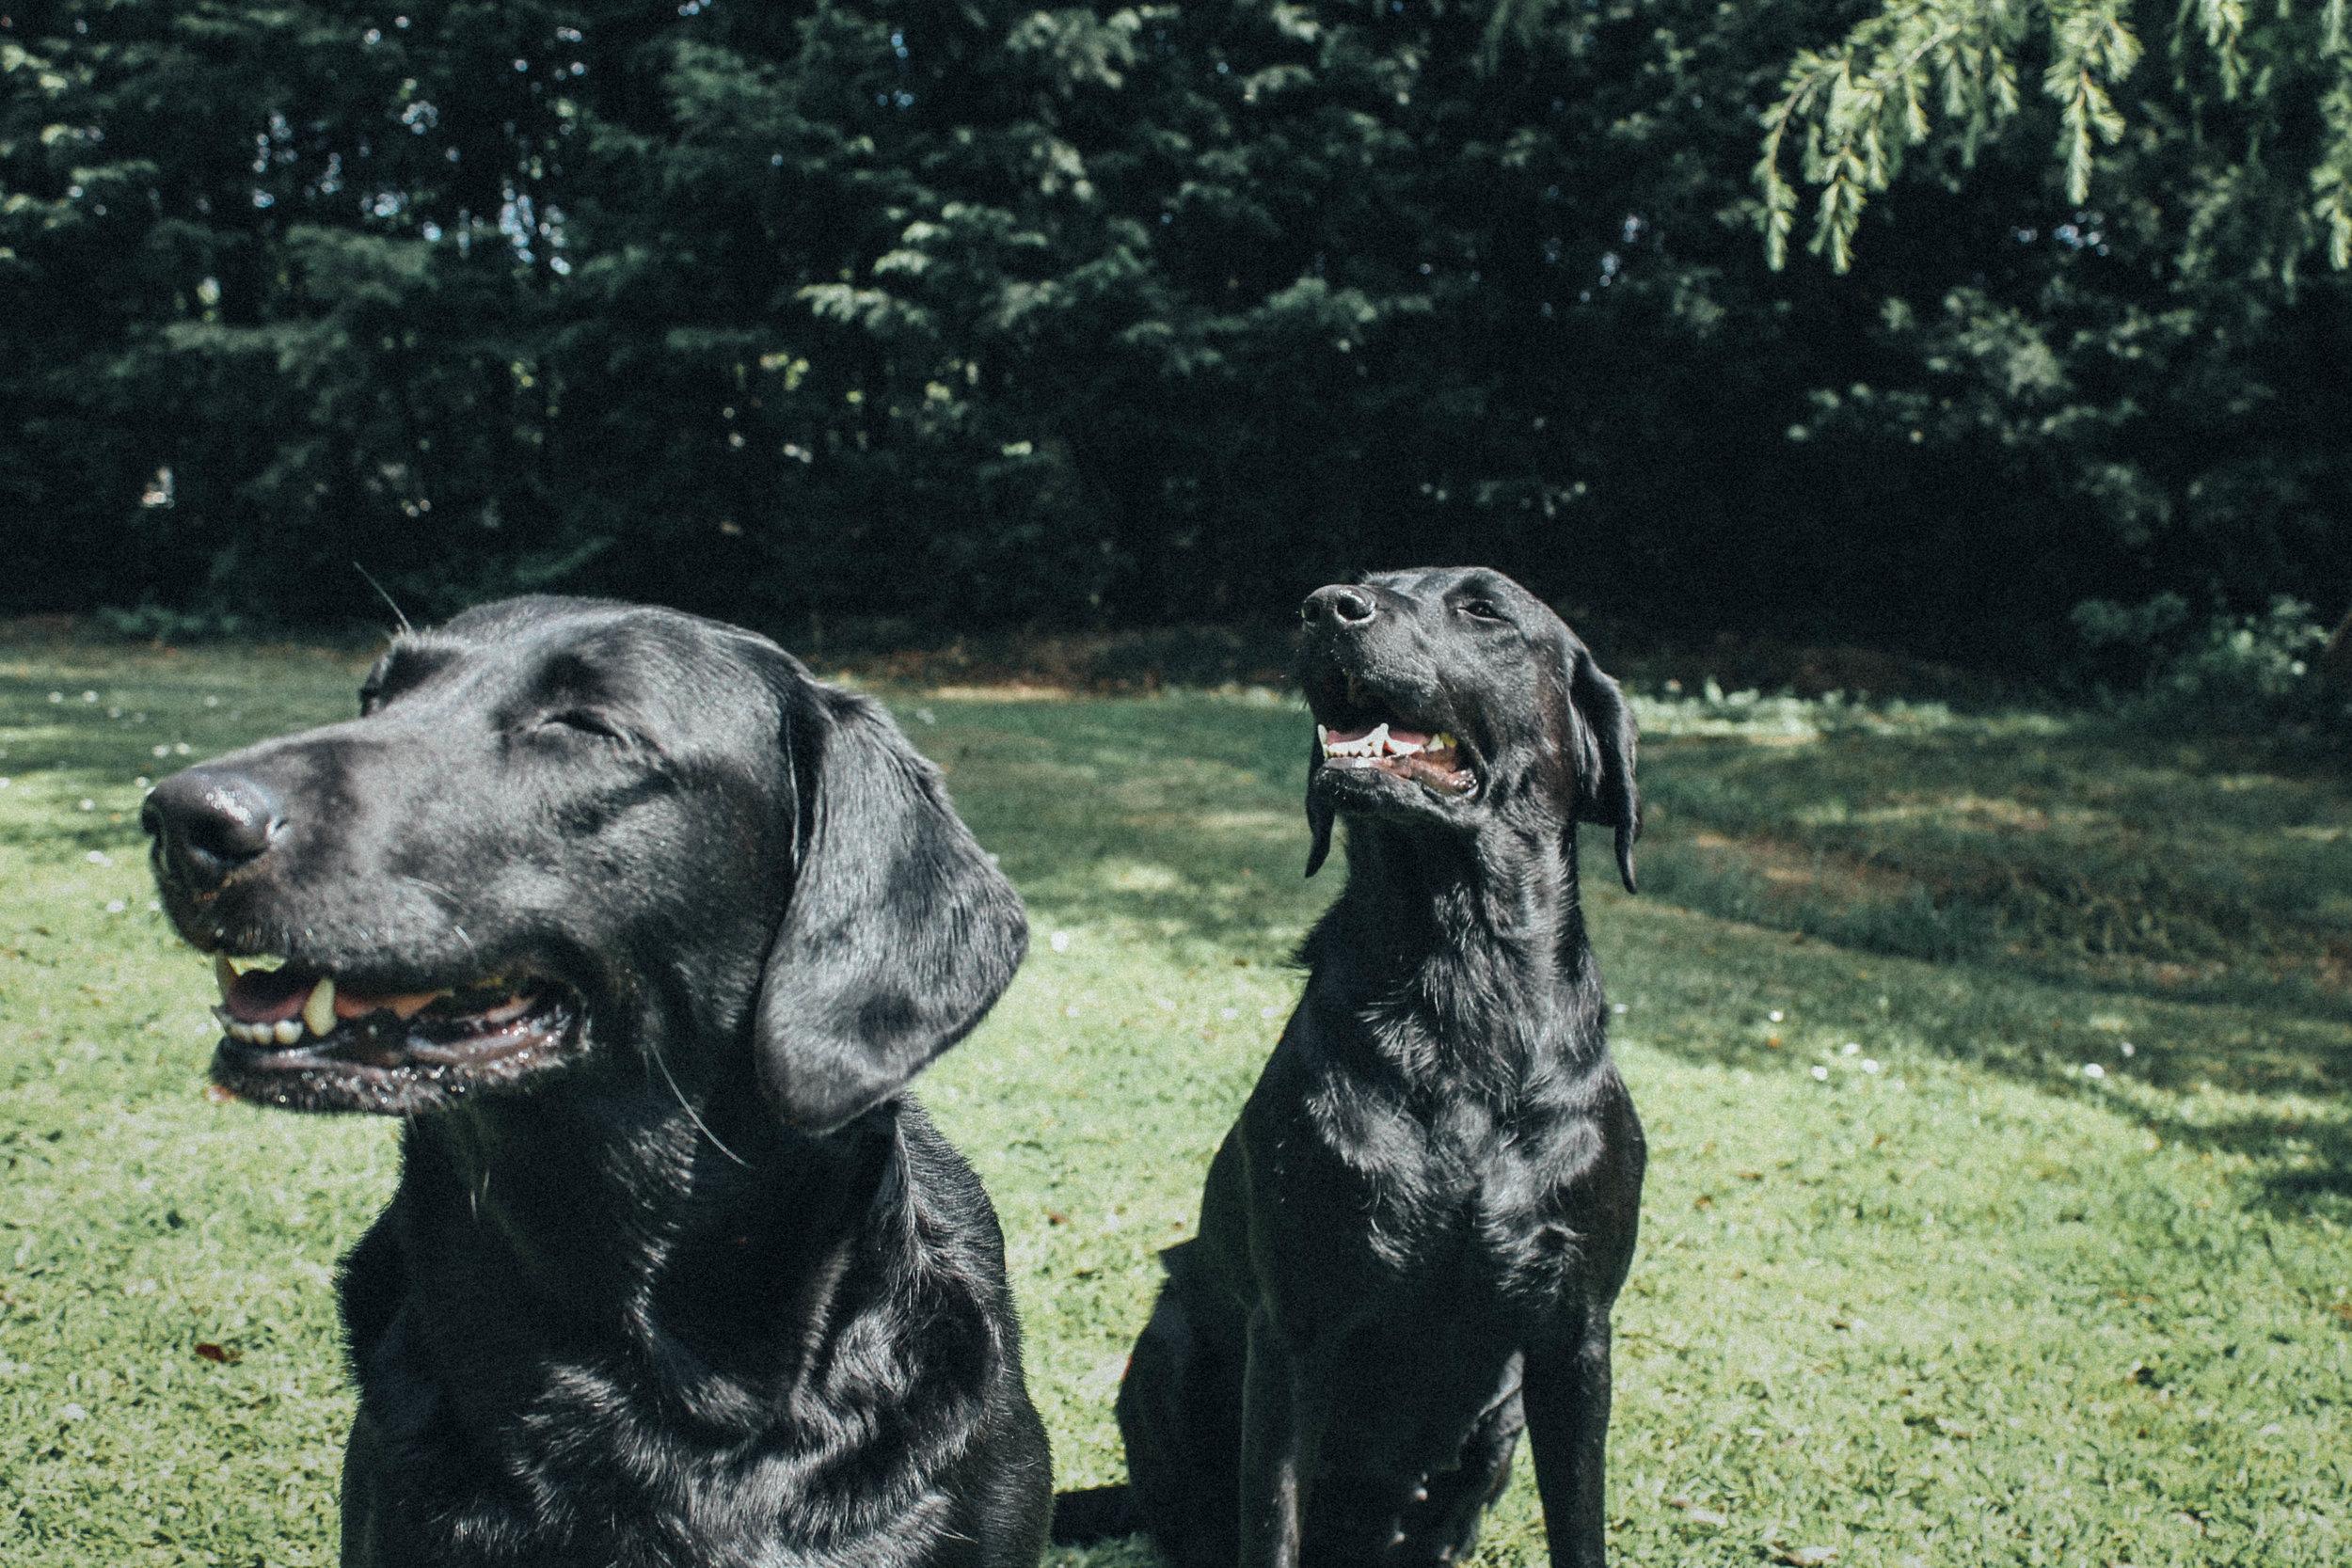 cute dogs 3-1.jpg